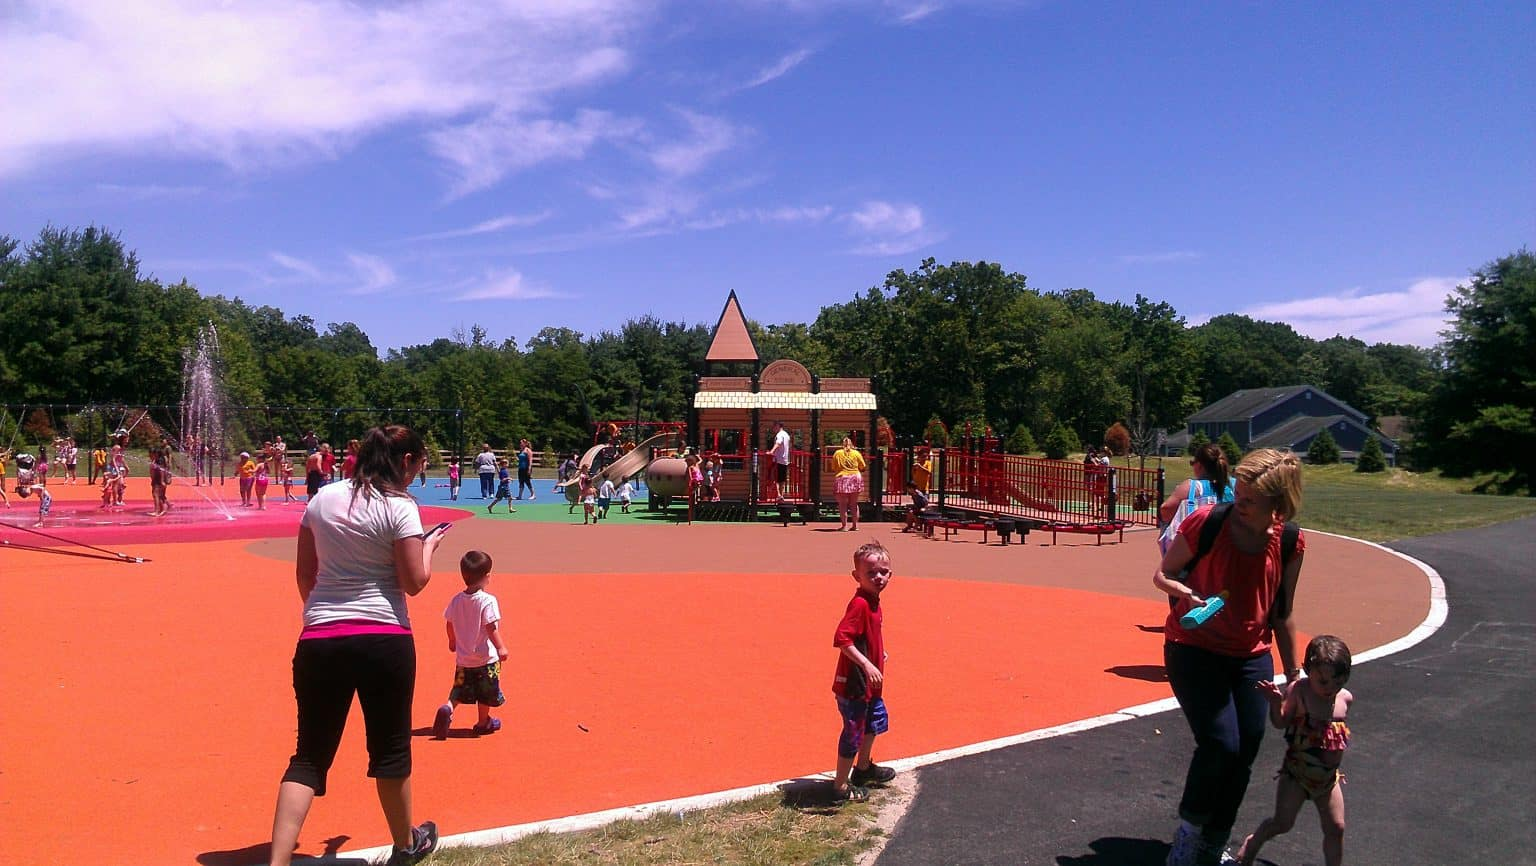 ponderosa-park-playground-scotch-plains-nj_11652567874_o-1536x866